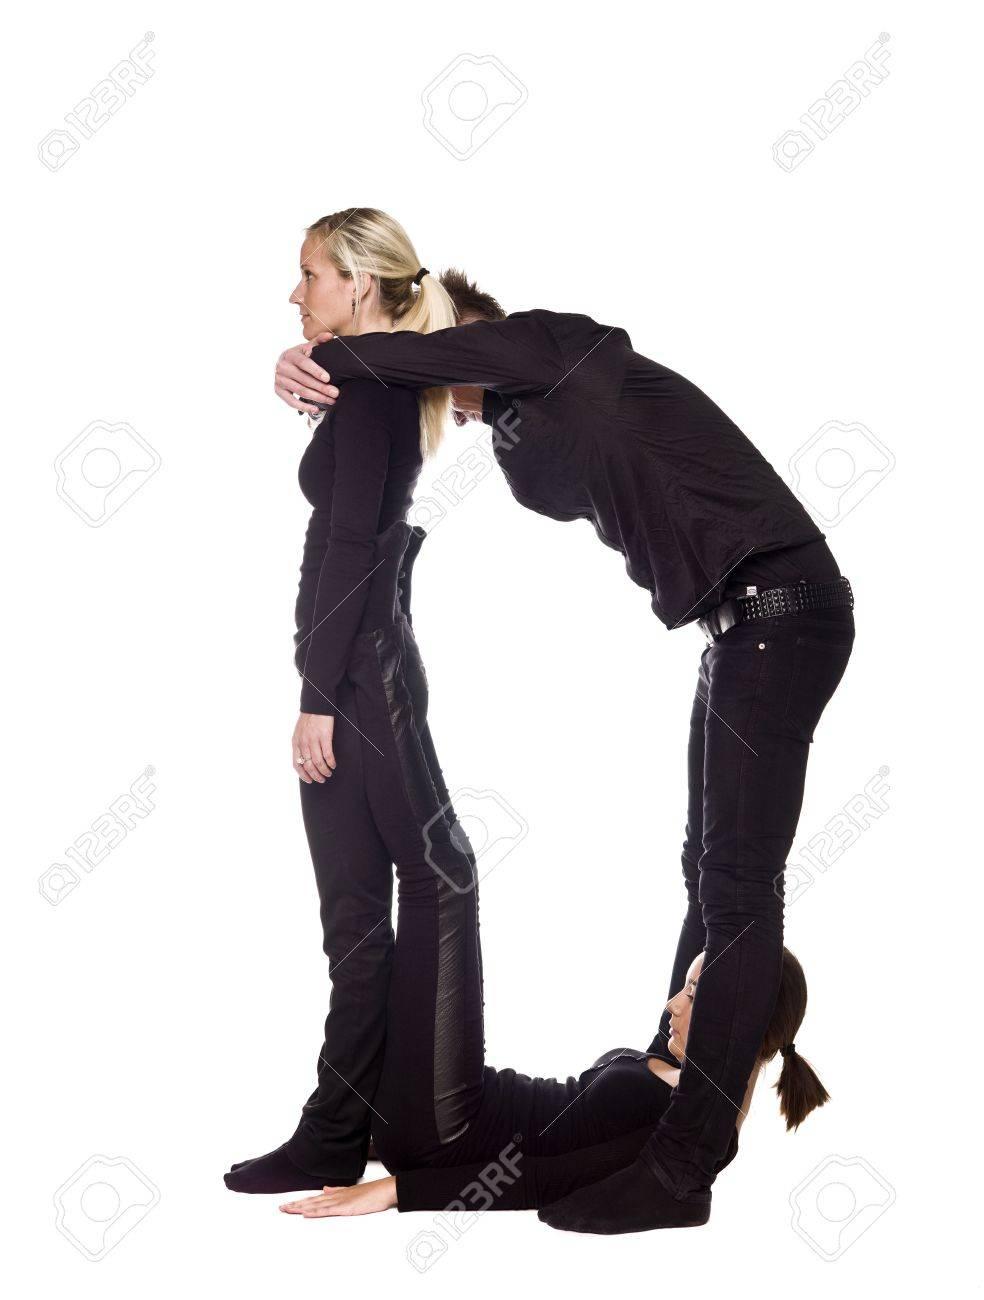 Imagenes de personas vestidas de negro